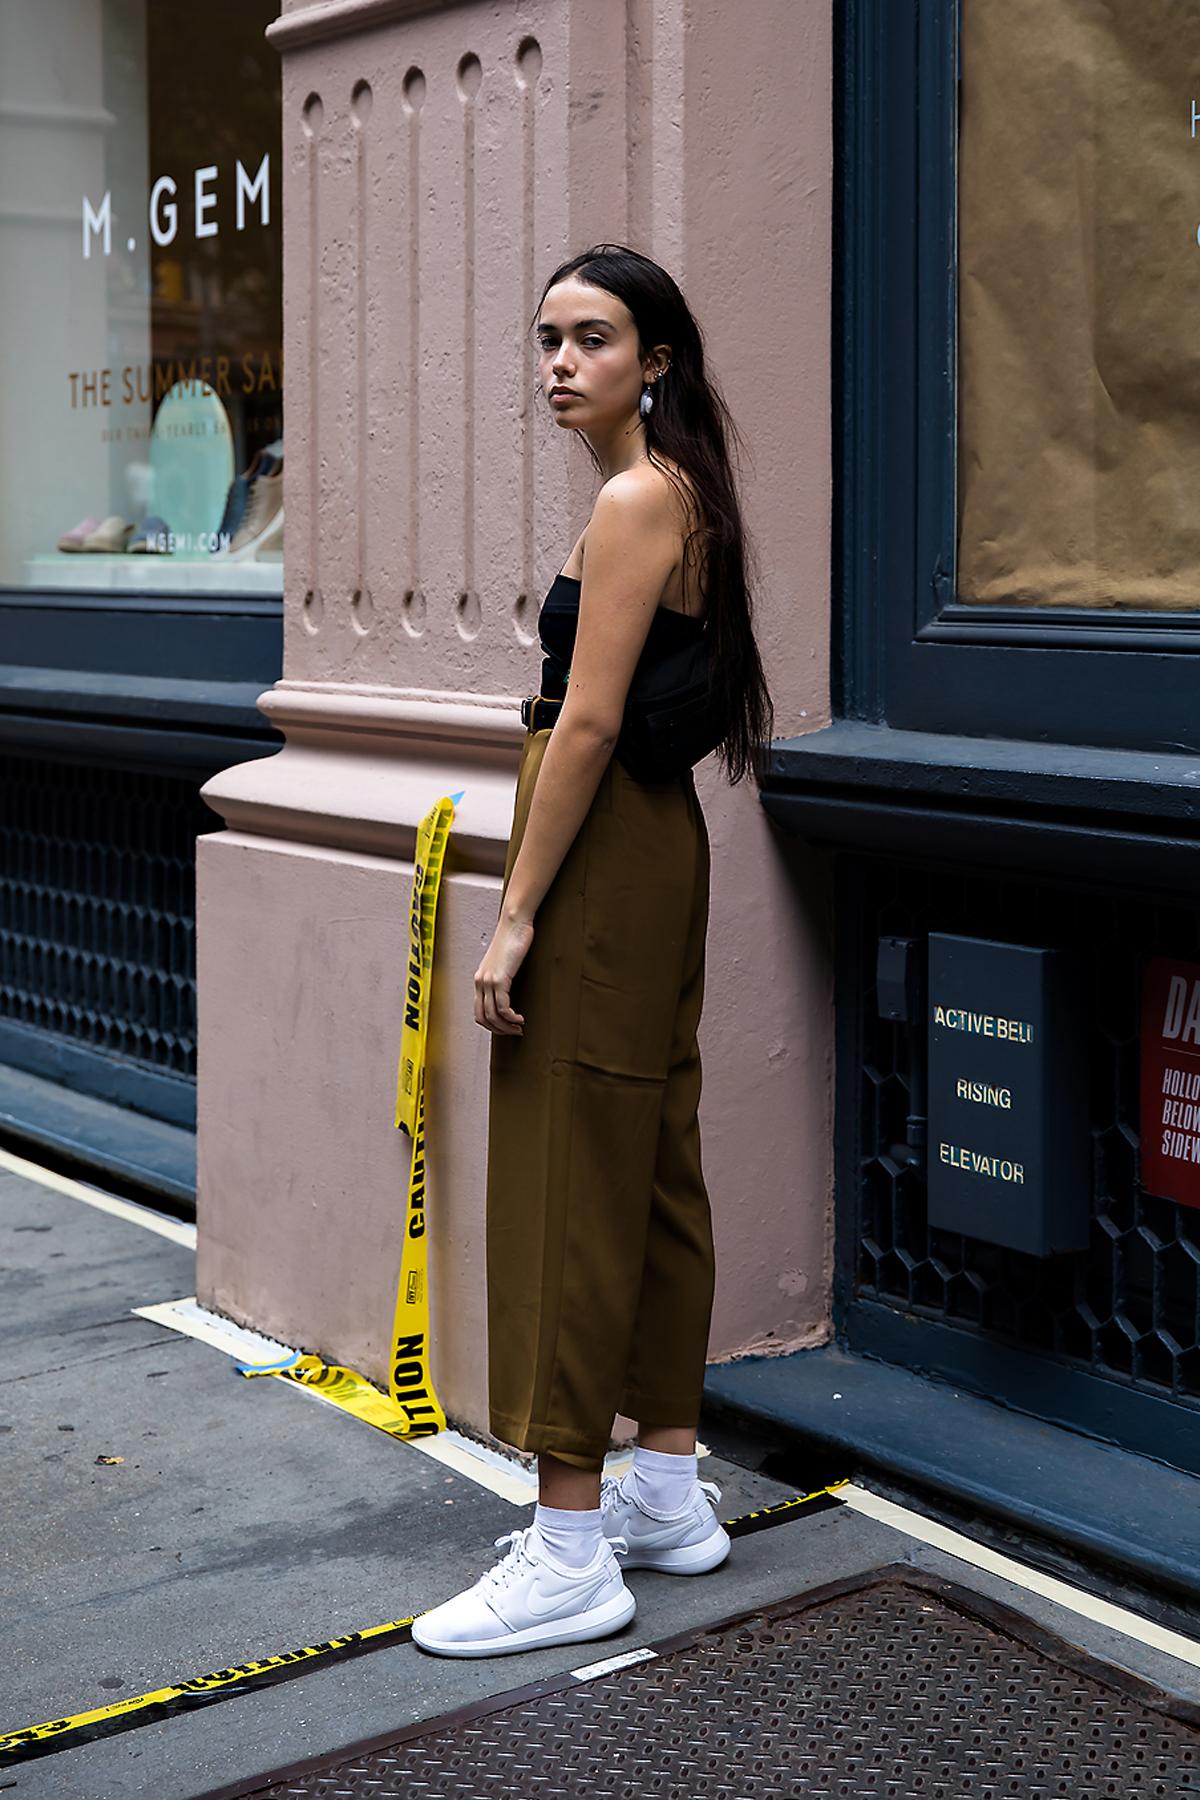 Frances, Street Fashion 2017 in New York.jpg